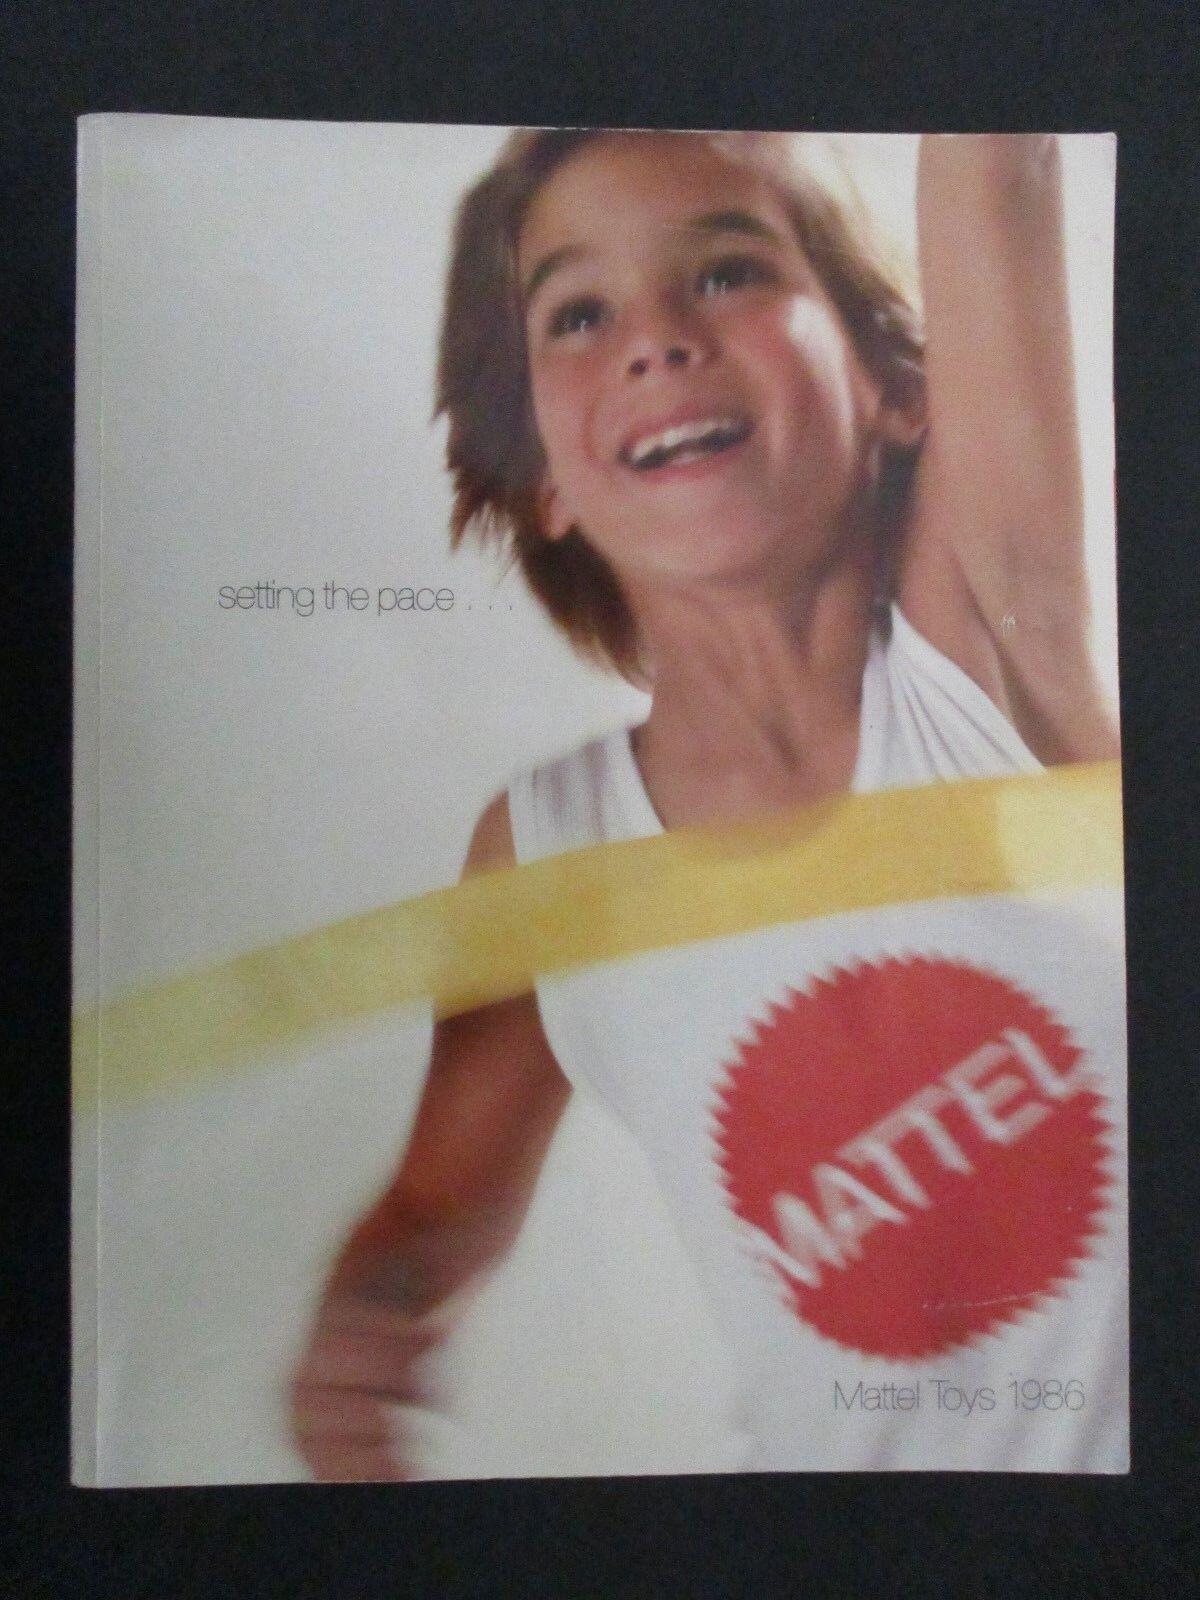 1986 Mattel Juguetes Distribuidor Catálogo Barbie Hot Wheels Amos del universo ella ra músculo Etc